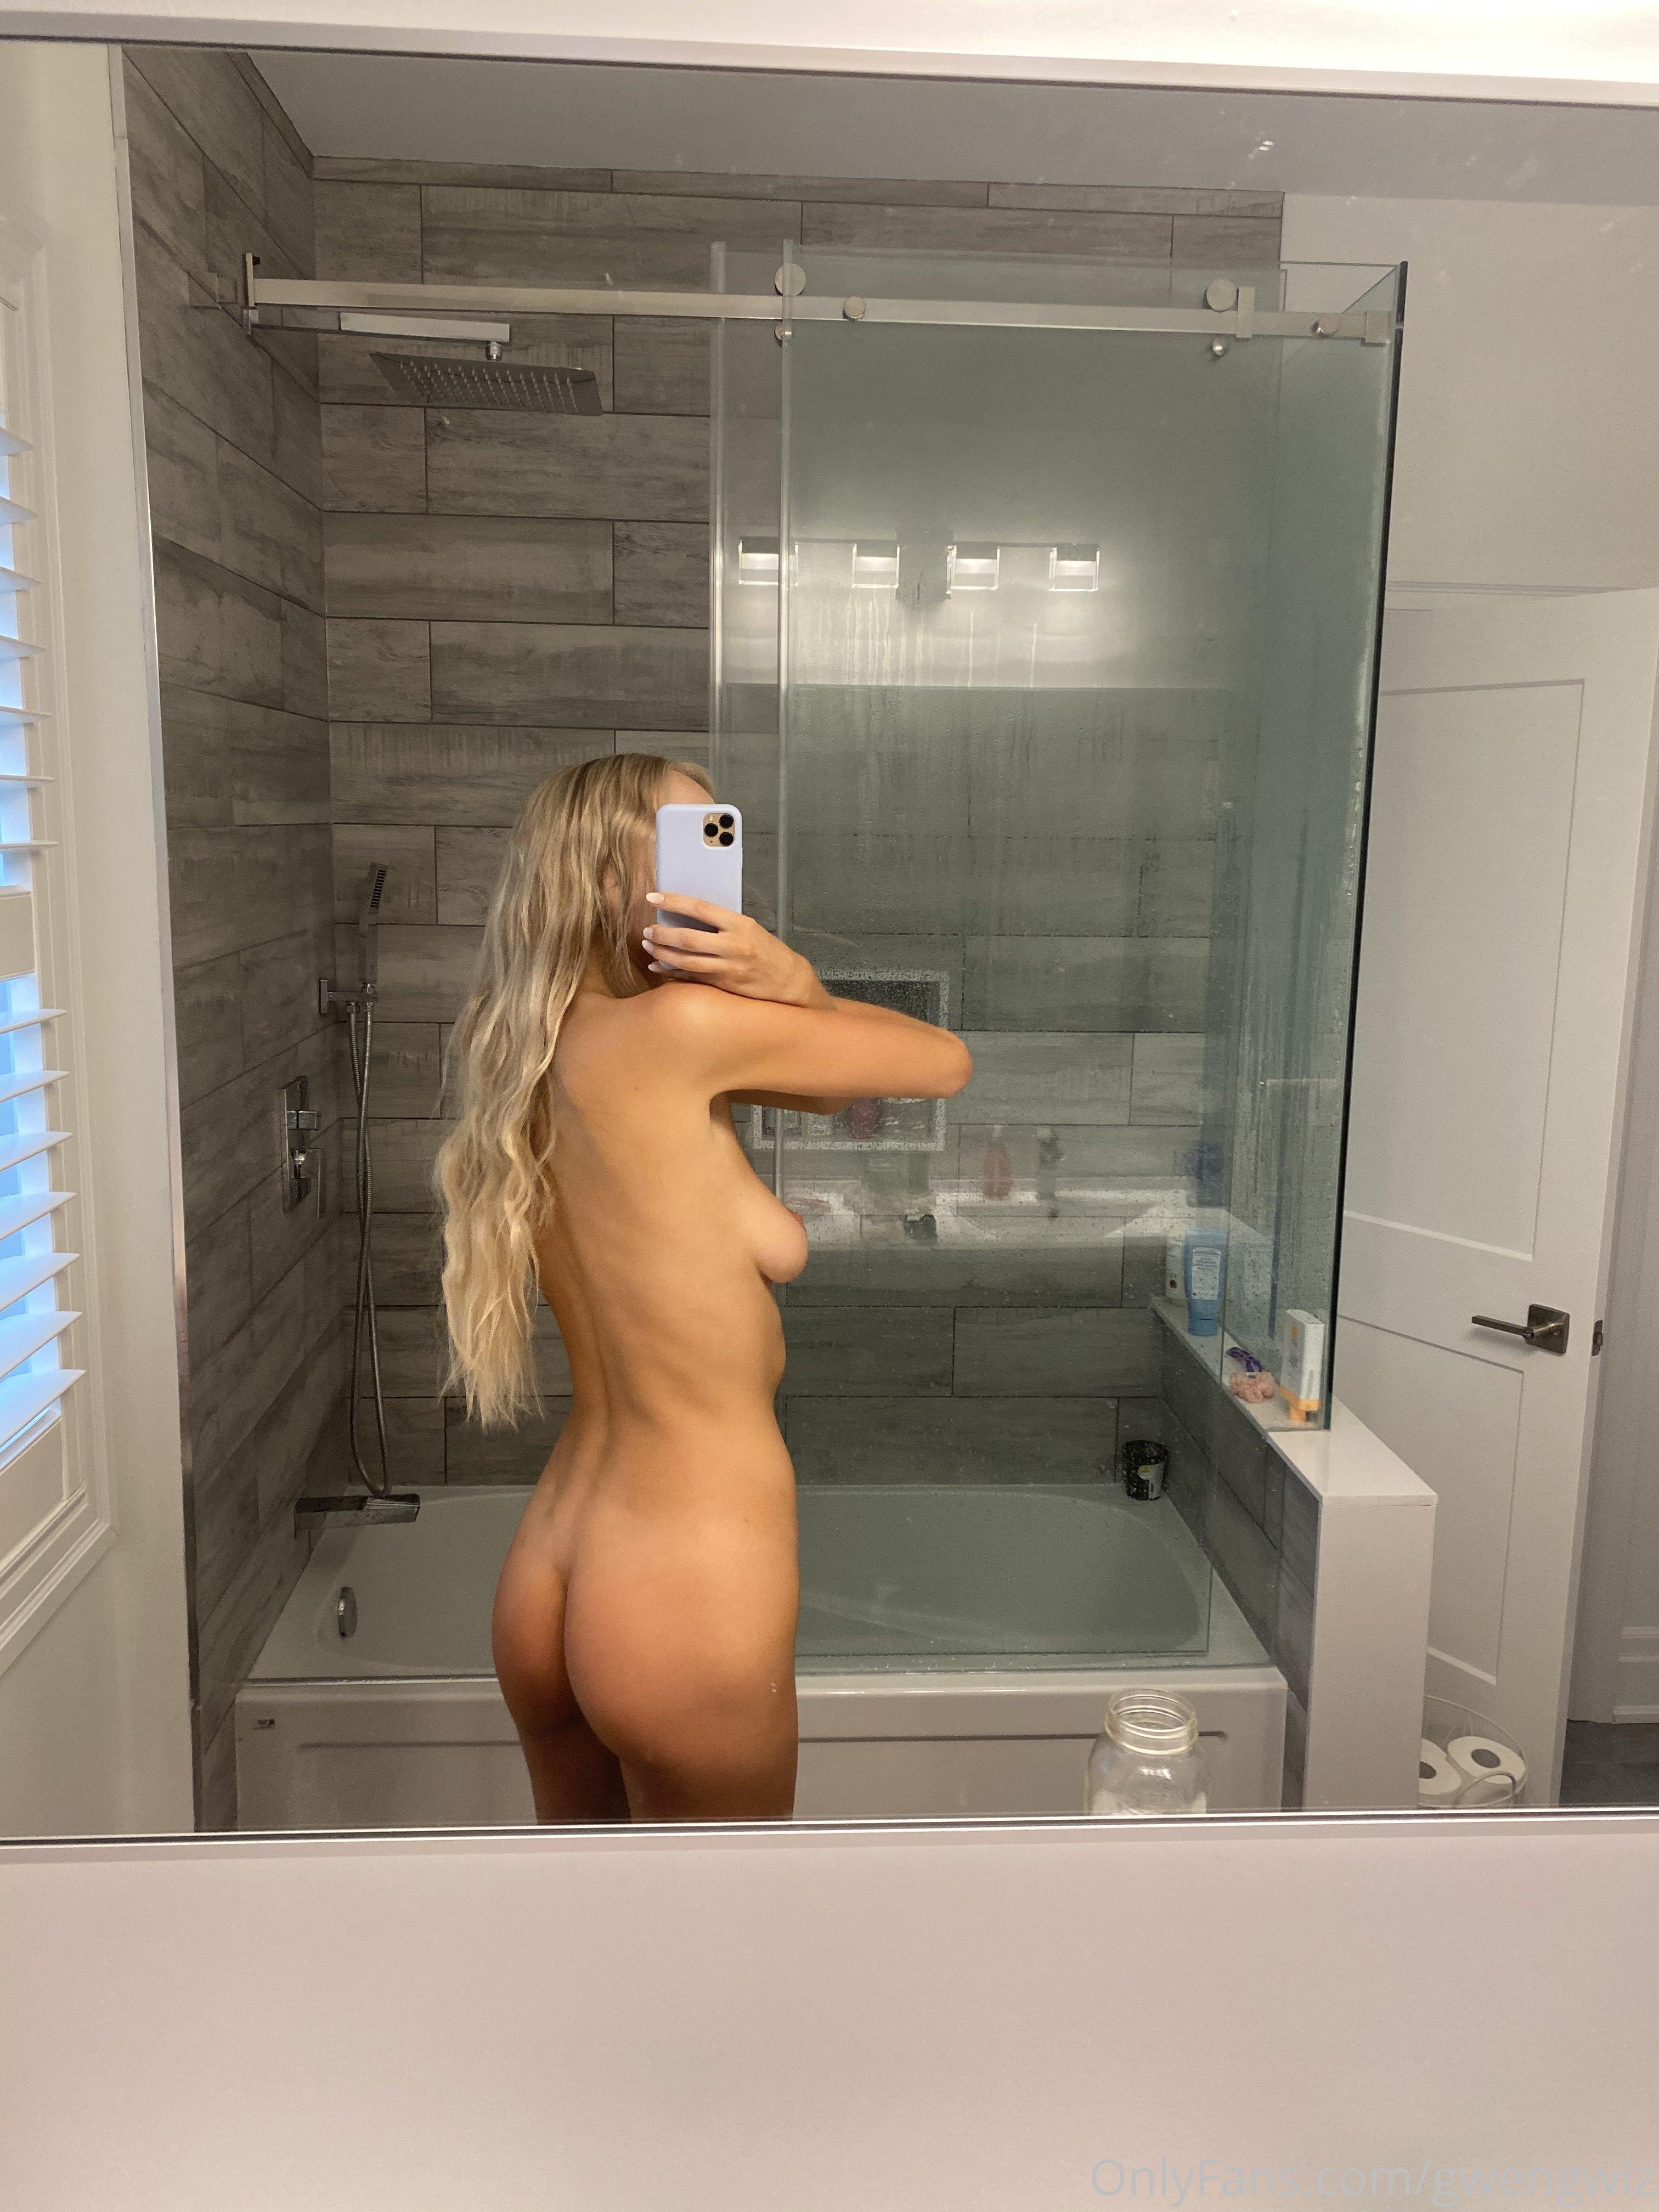 Gwen Gwiz, Gwengwiz, Onlyfans New Nudes 0008